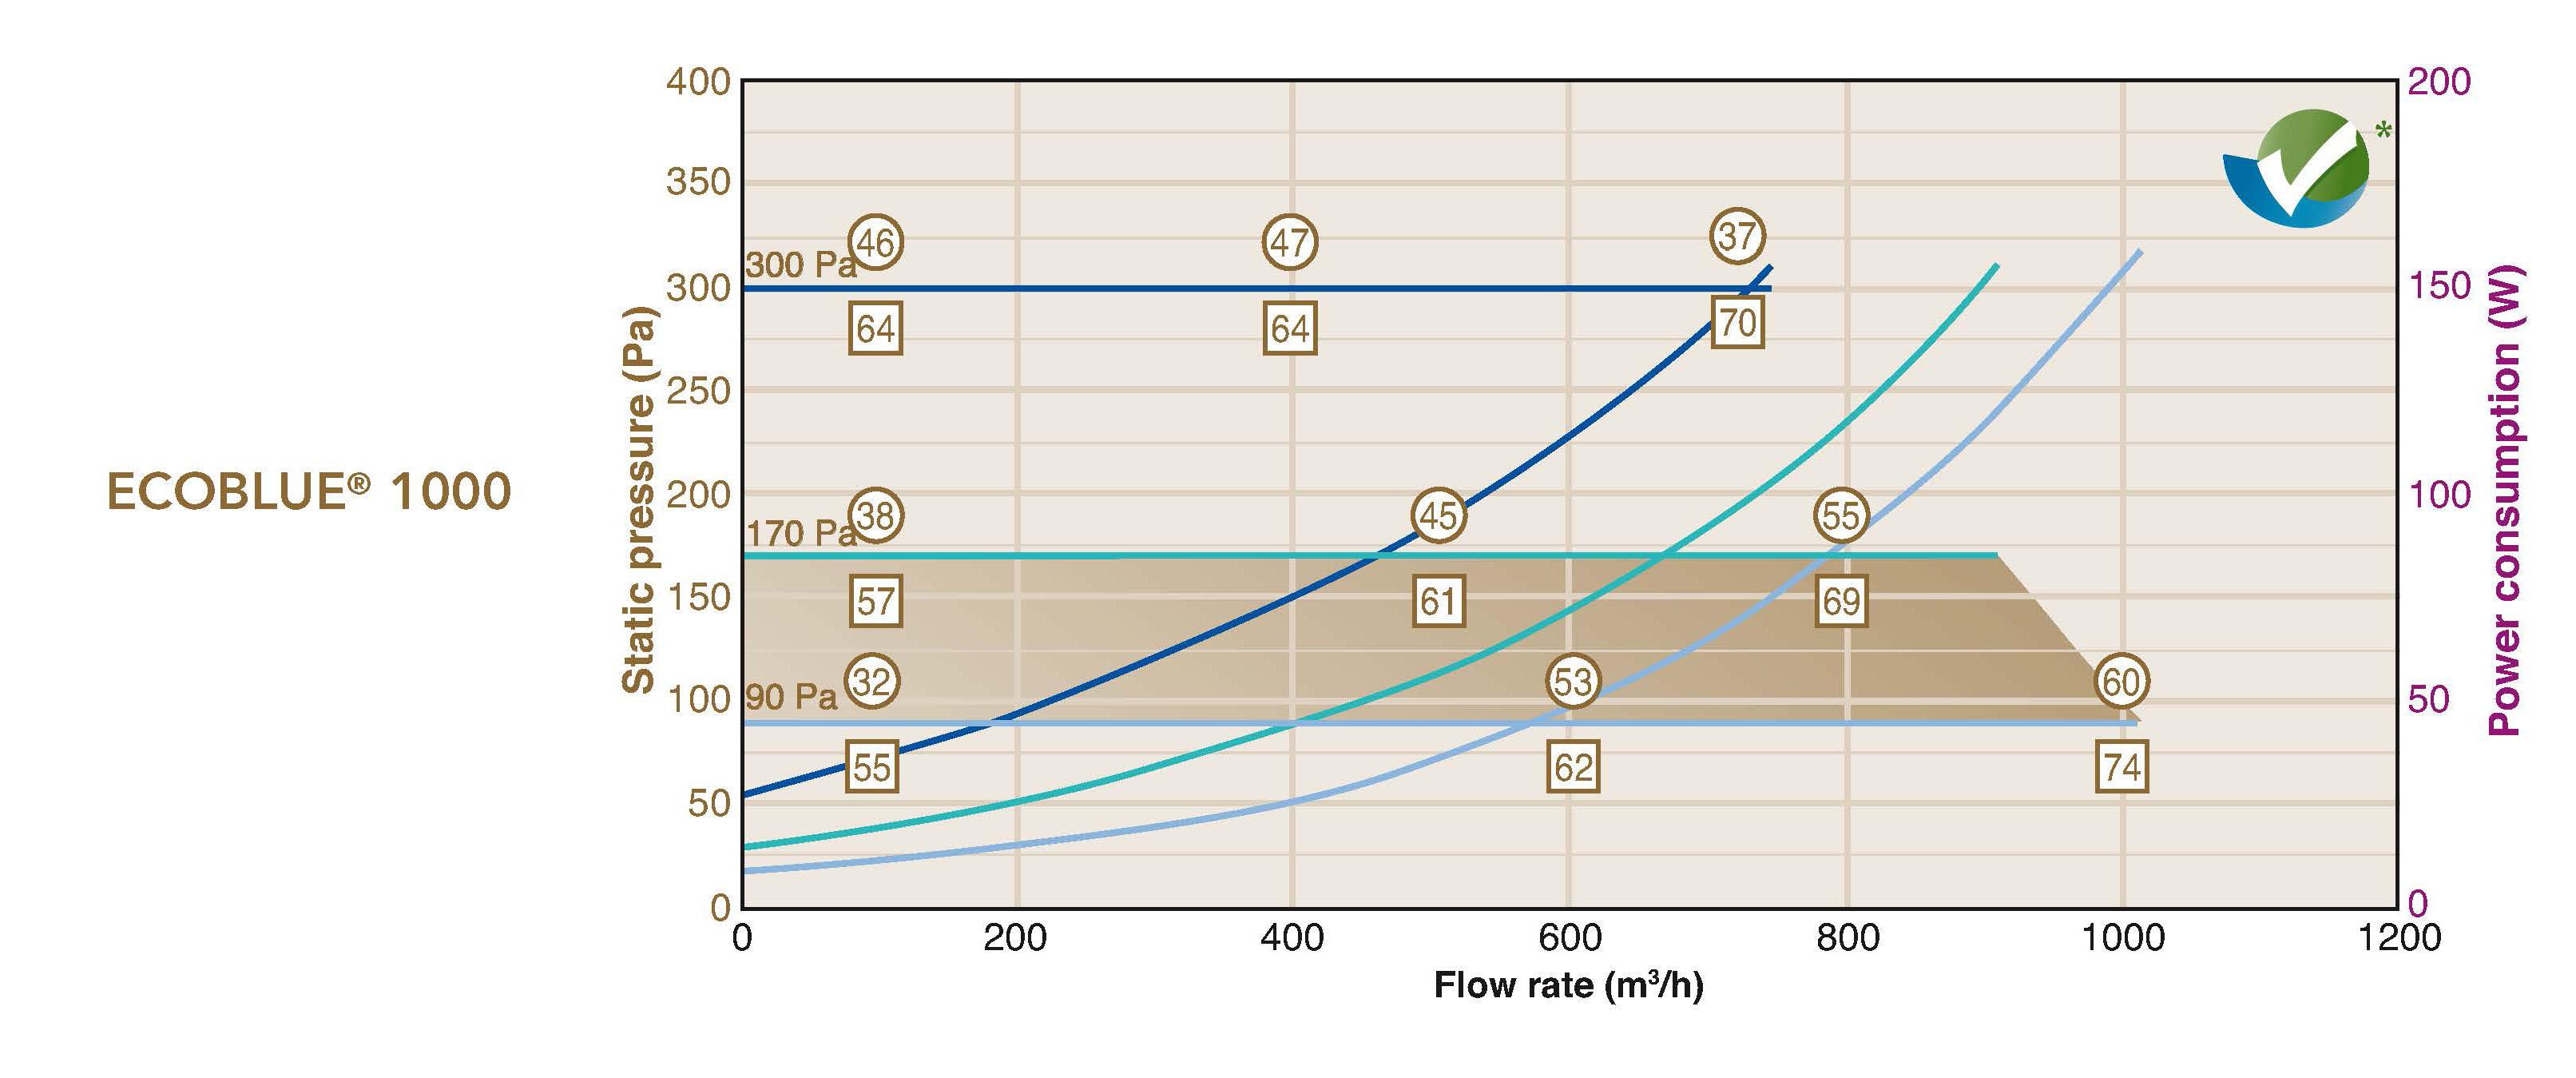 ecoblue 1000 flow rates